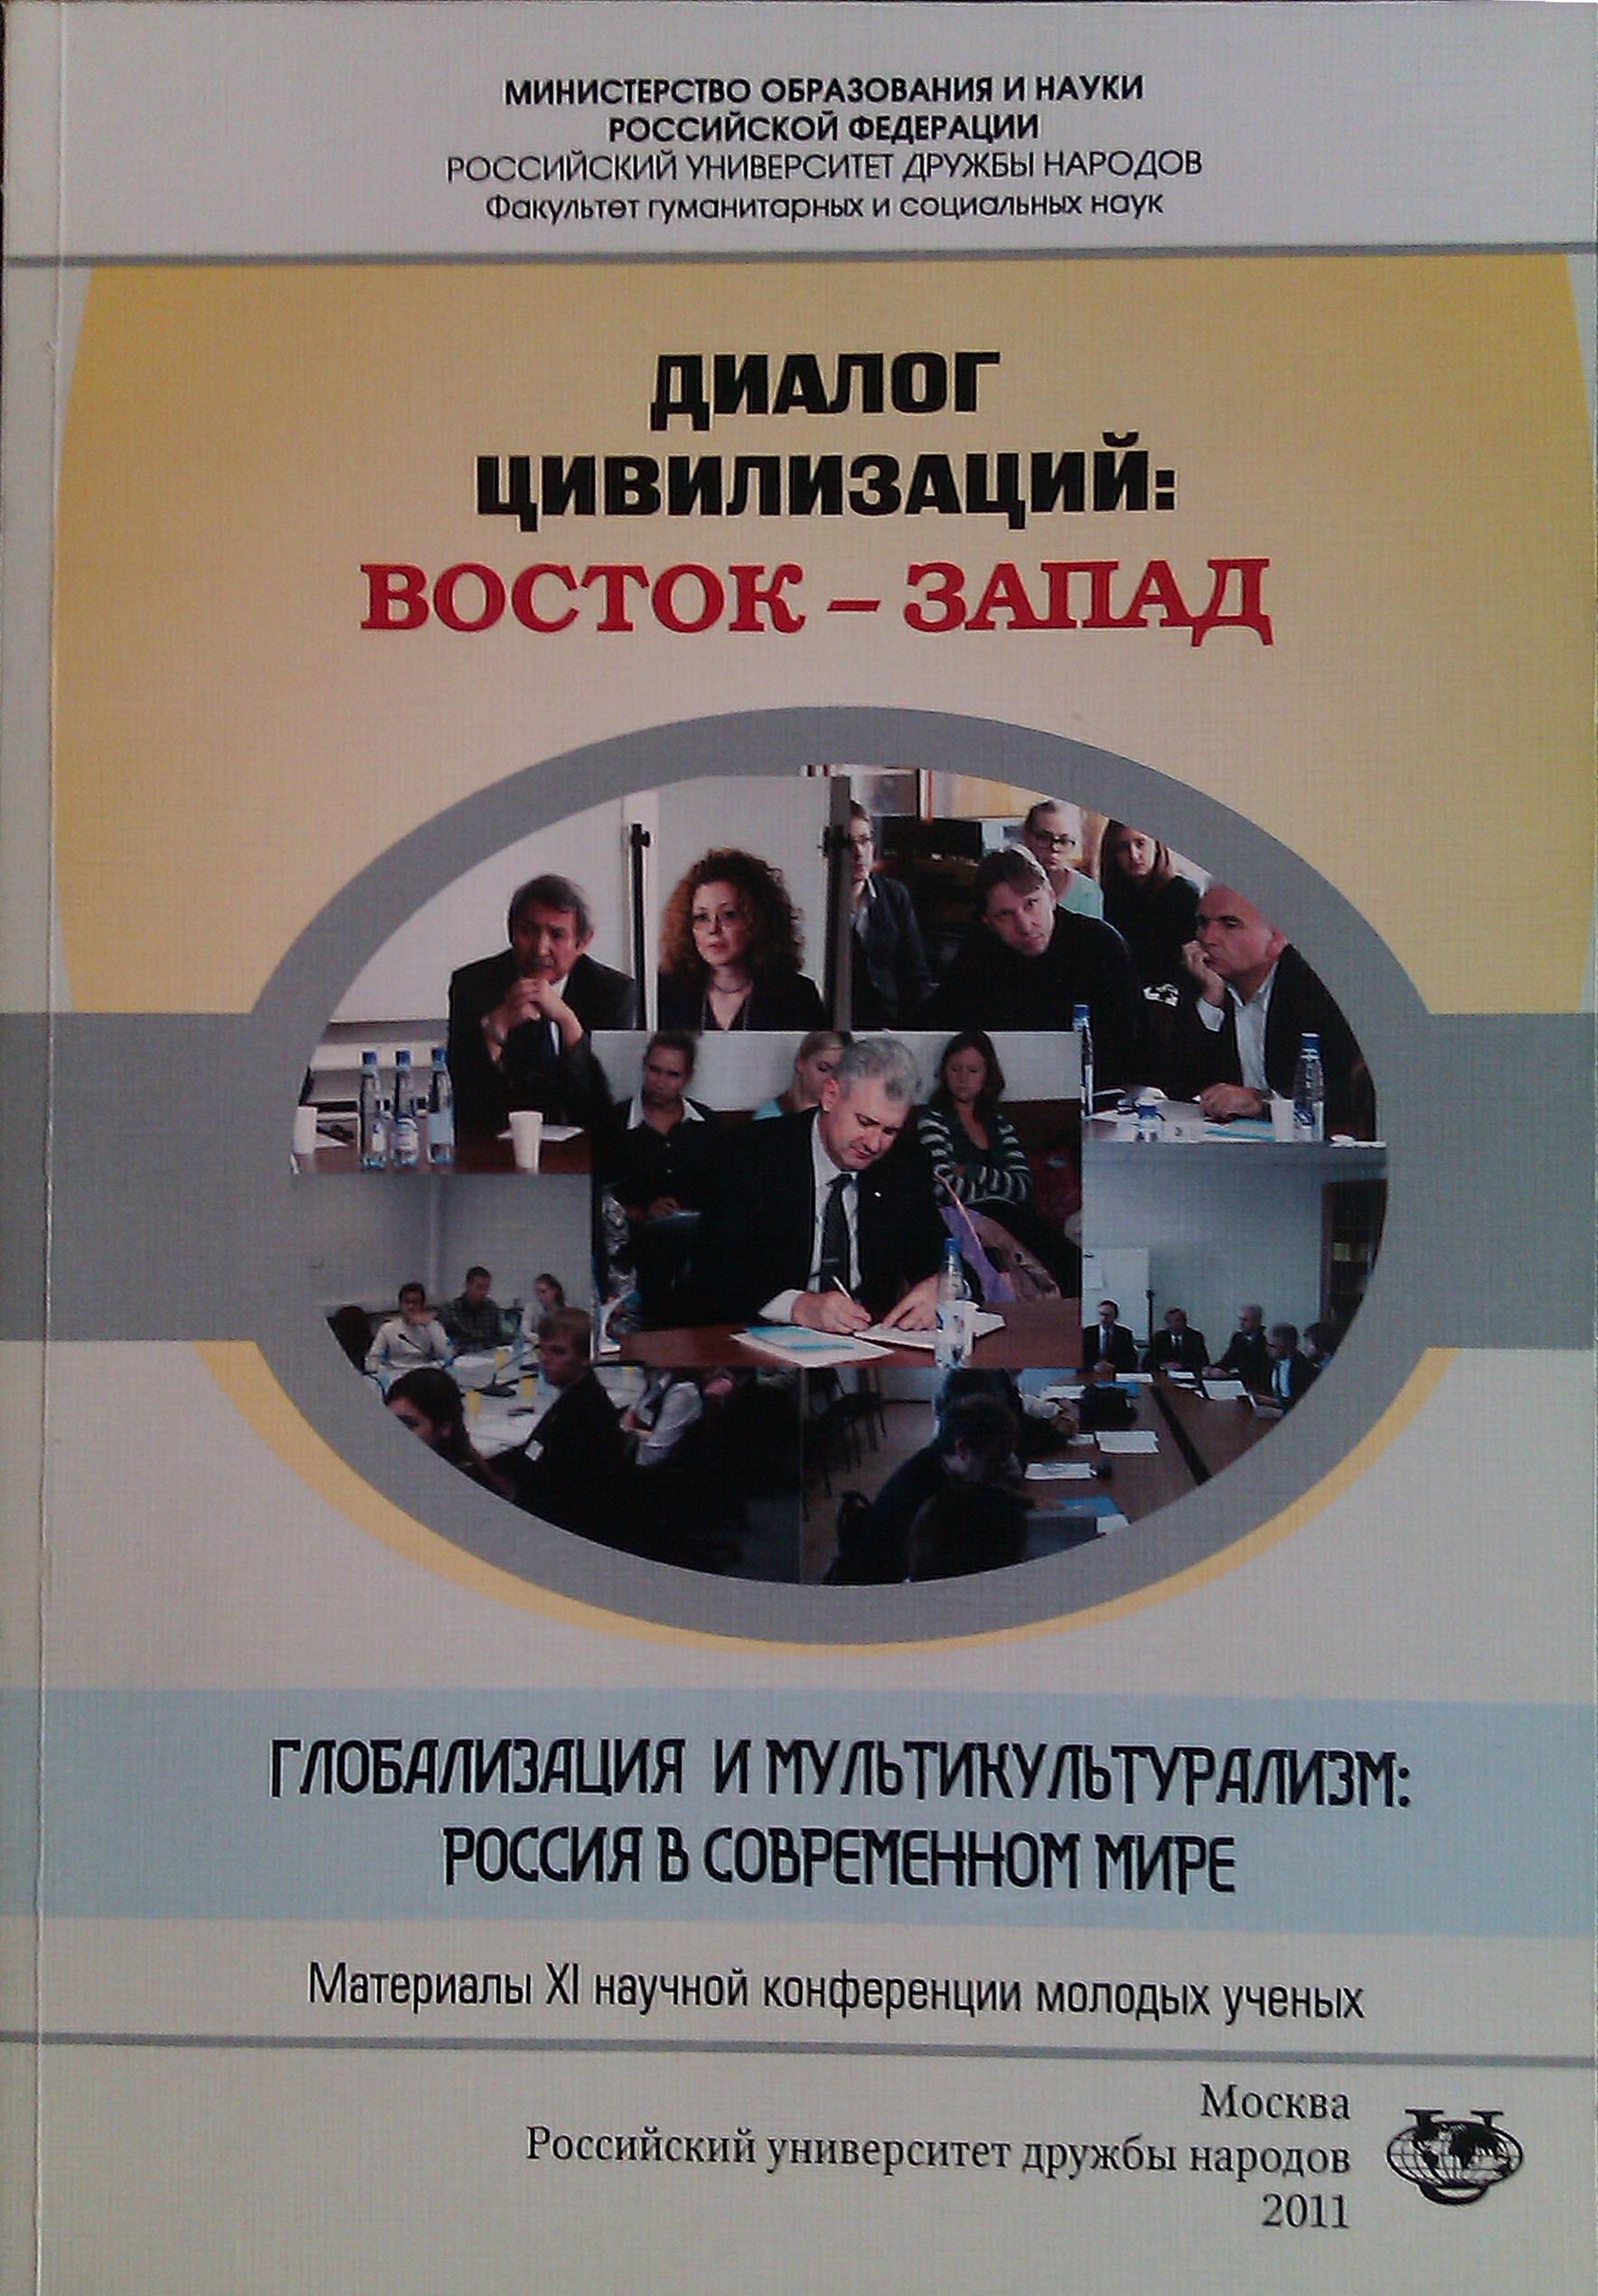 Манипулятивные технологии в российском избирательном процессе